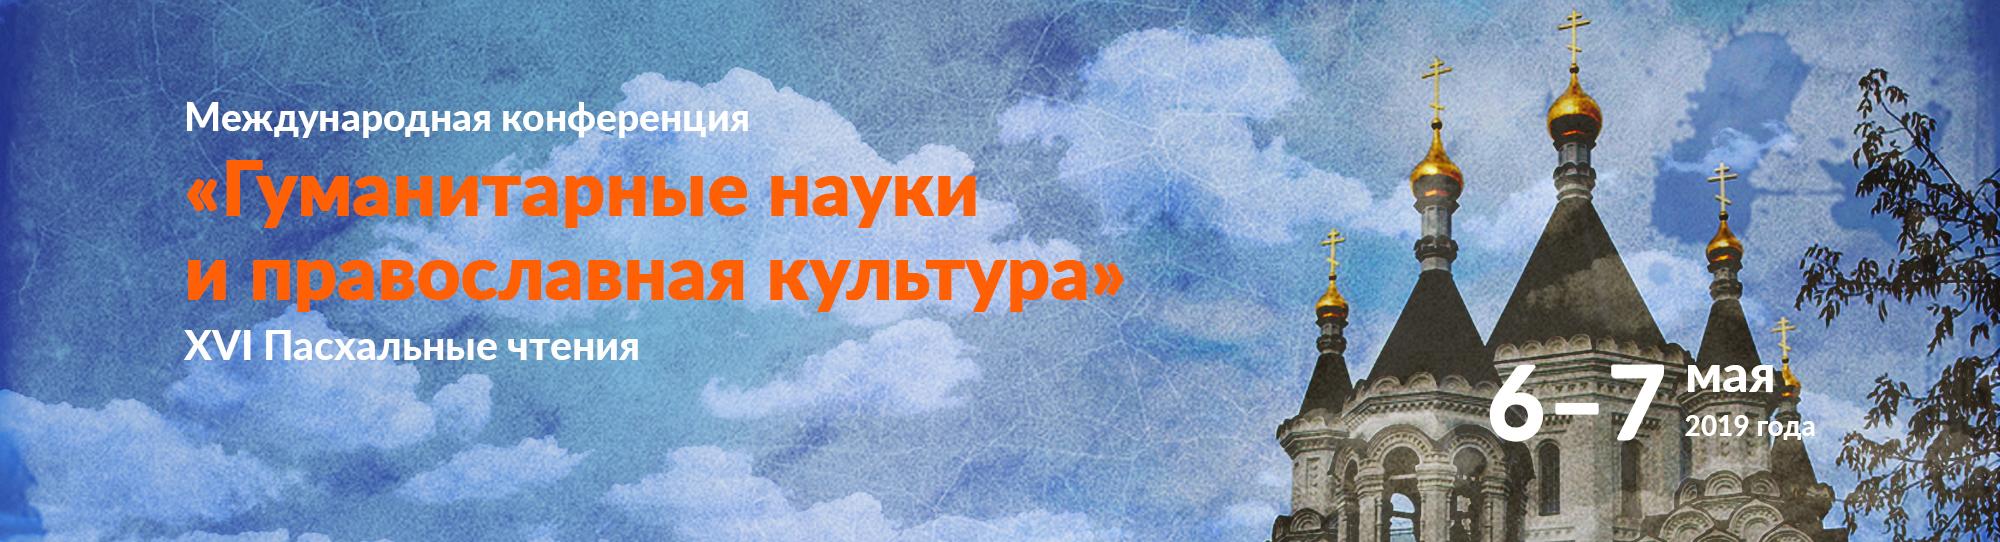 пасха19 1